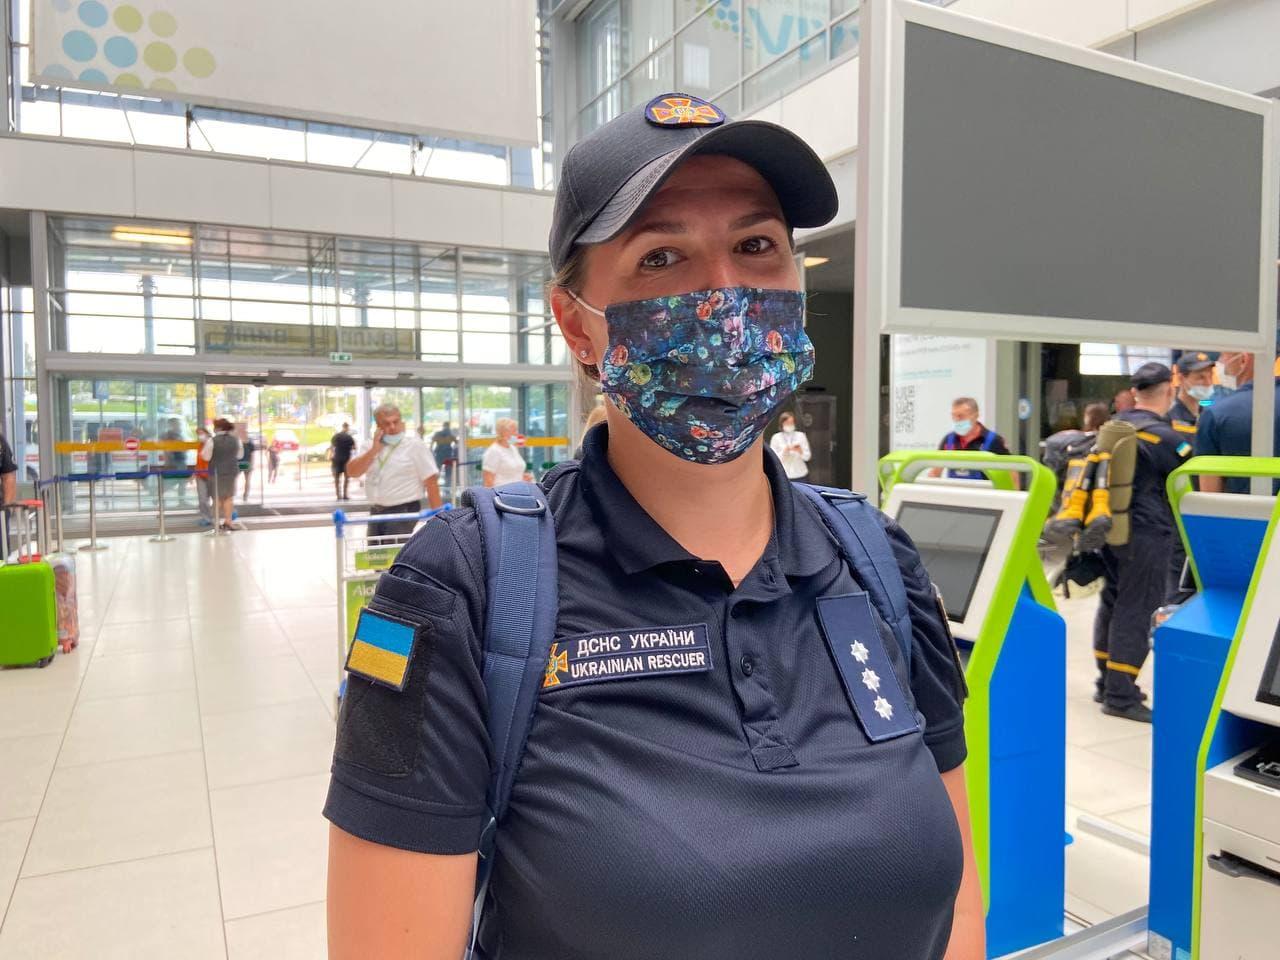 Пожежі в Греції 2021: на допомогу вилетіли українські пожежники